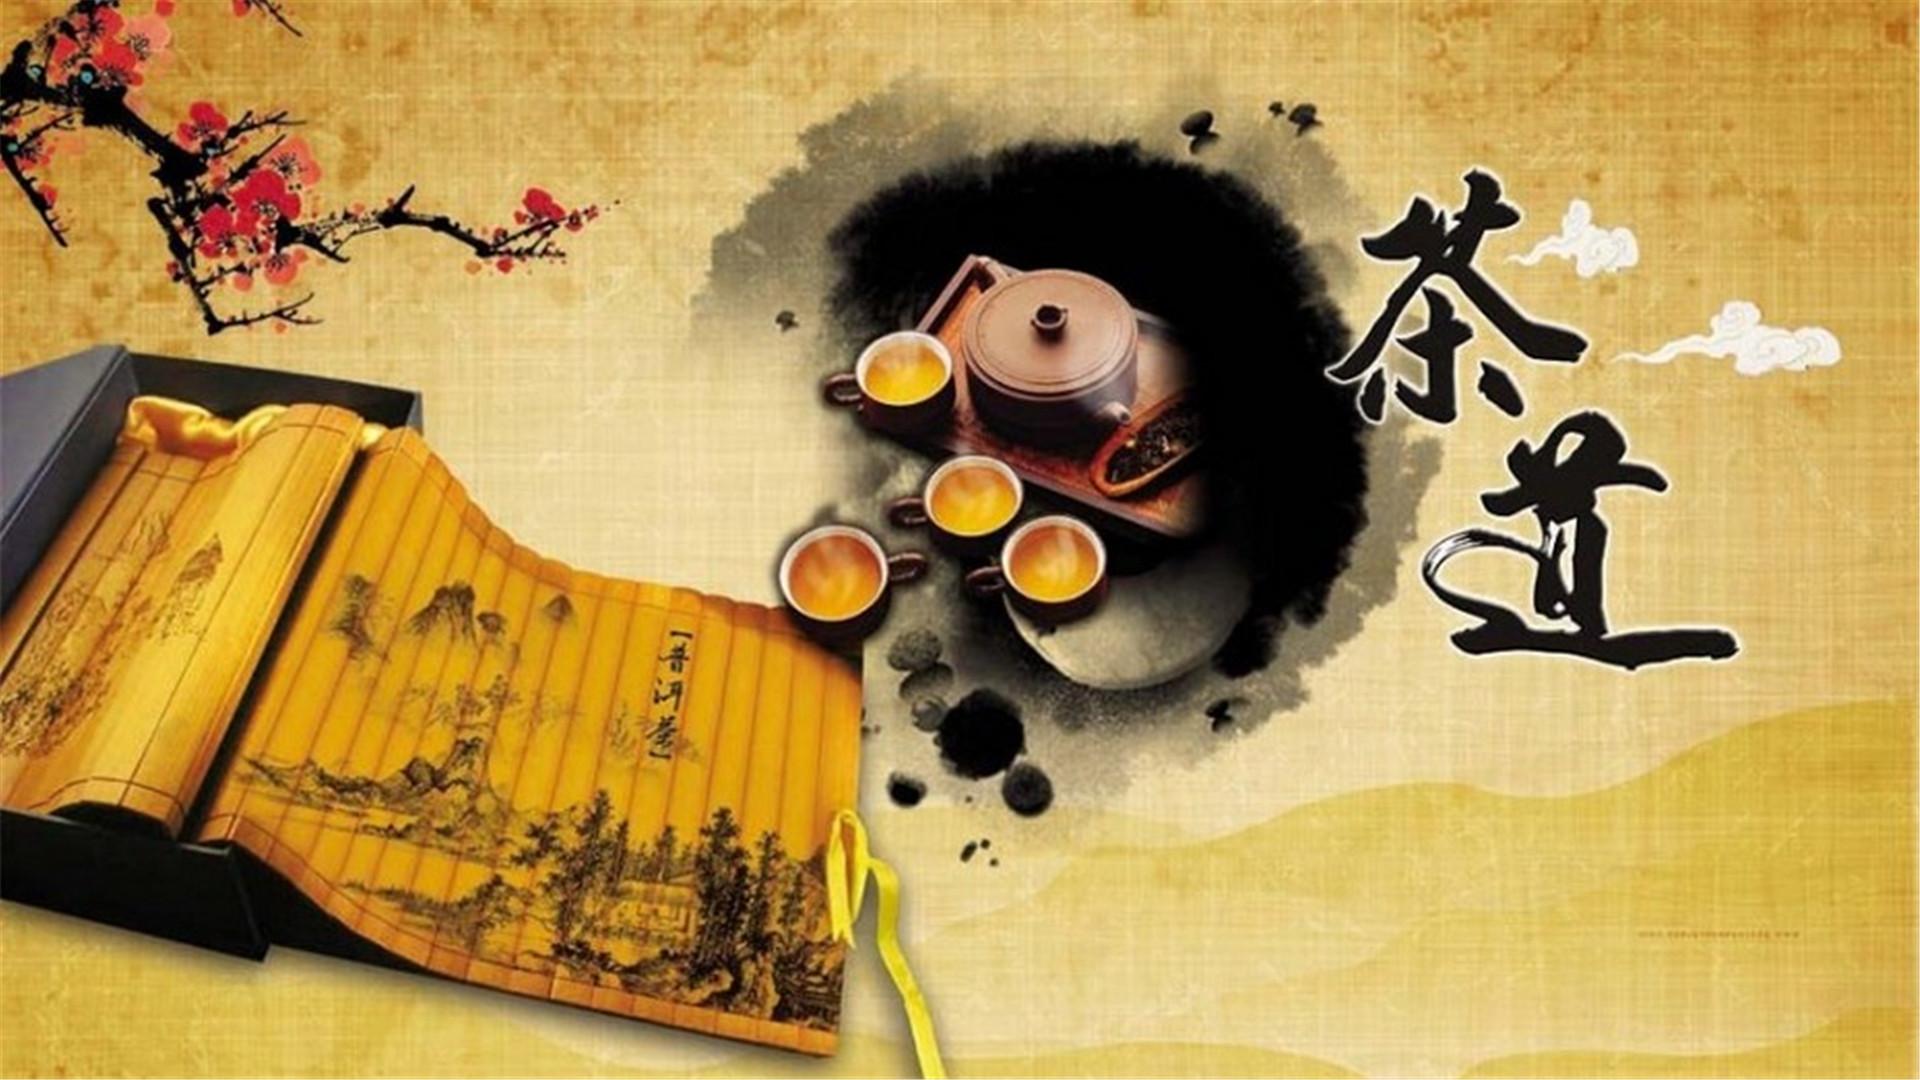 介绍日本茶道文化ppt:这是一个关于介绍日本茶道文化ppt,主要介绍了日本茶道的形成、日本茶道的派系、日本茶道的规程、茶道与禅道、观日本茶道后的深思等内容。欢迎点击下载介绍日本茶道文化ppt哦。日本茶道源自中国。日本茶道是在日常茶饭事的基础上发展起来的,它将日常生活行为与宗教、哲学、伦理和美学熔为一炉,成为一门综合性的文化艺术活动。它不仅仅是物质享受,而且通过茶会,学习茶礼,陶冶性情,培养人的审美观和道德观念 介绍日本茶道ppt:这是一个关于介绍日本茶道ppt,主要介绍了日本的茶道简介、茶道的起源、茶道